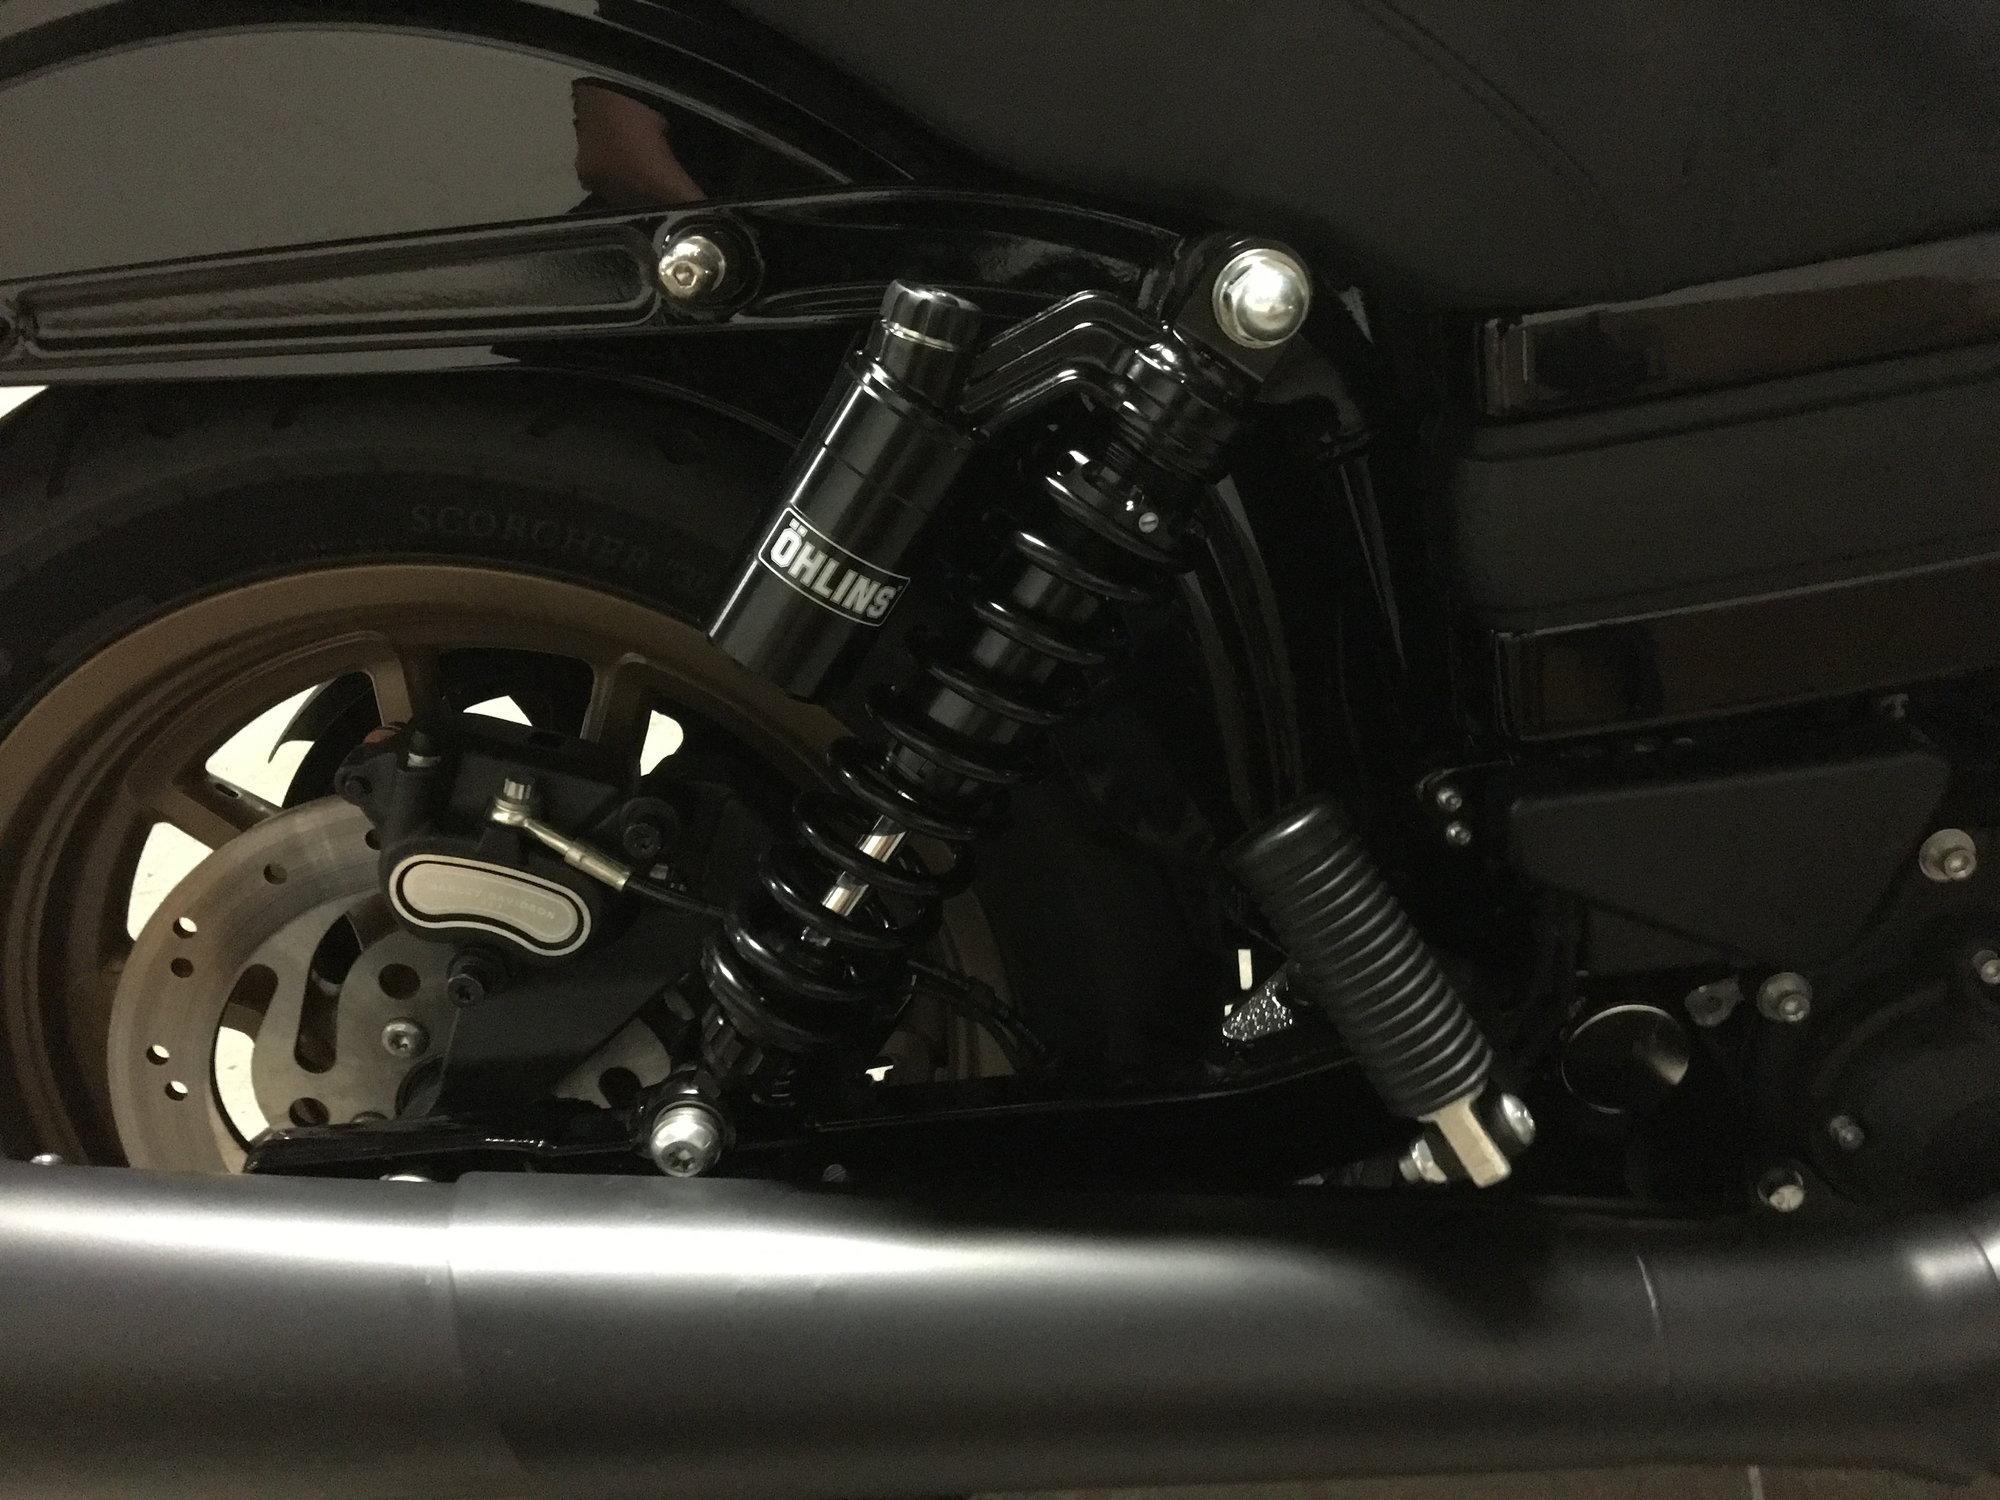 New shocks! - Harley Davidson Forums